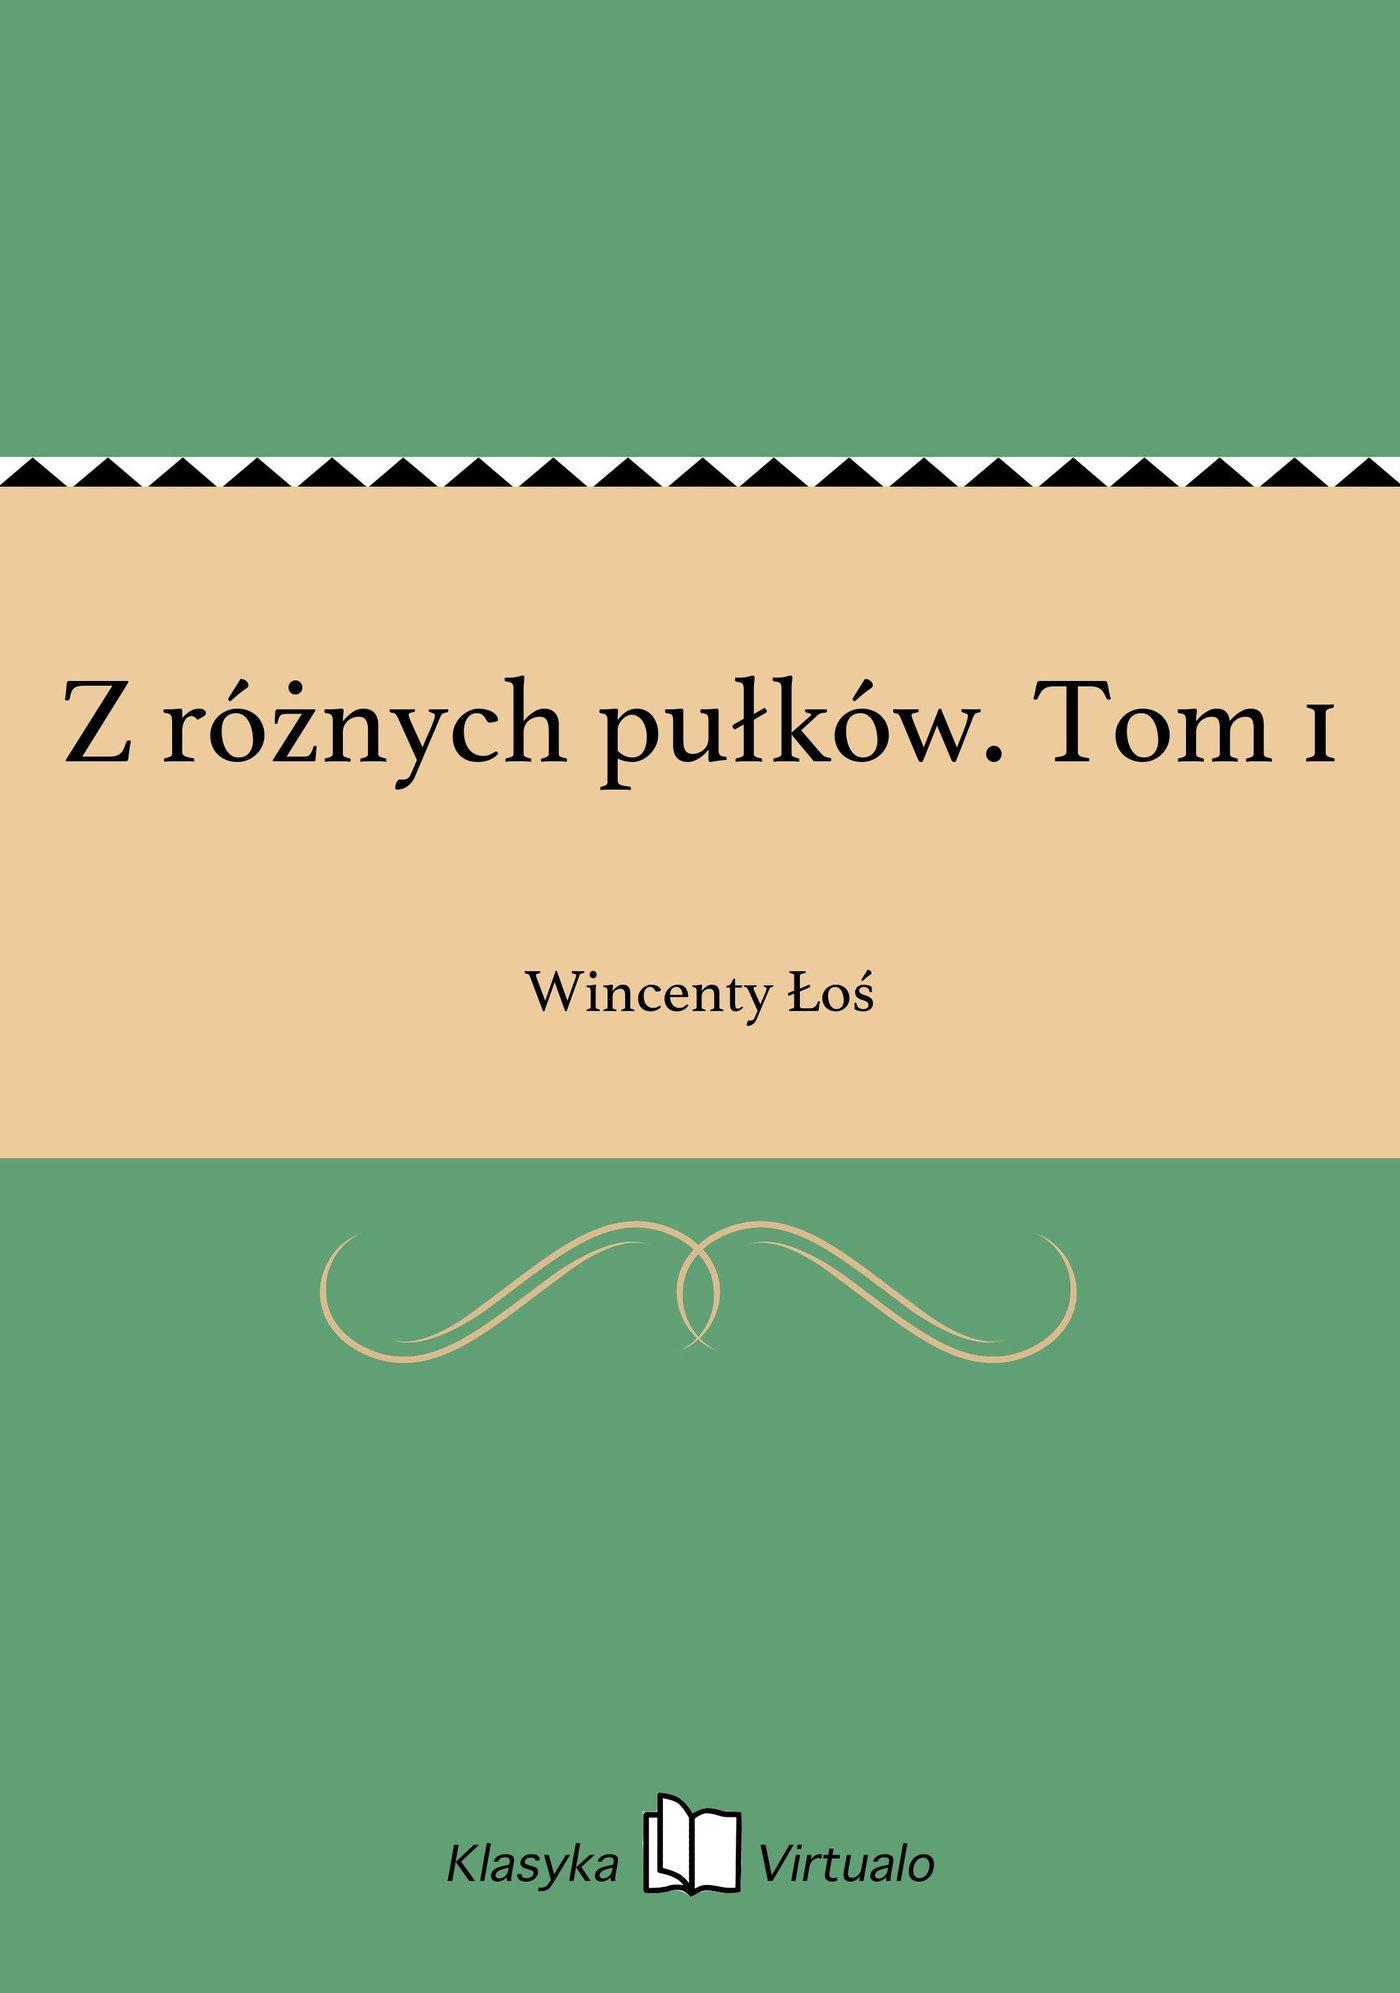 Z różnych pułków. Tom 1 - Ebook (Książka EPUB) do pobrania w formacie EPUB